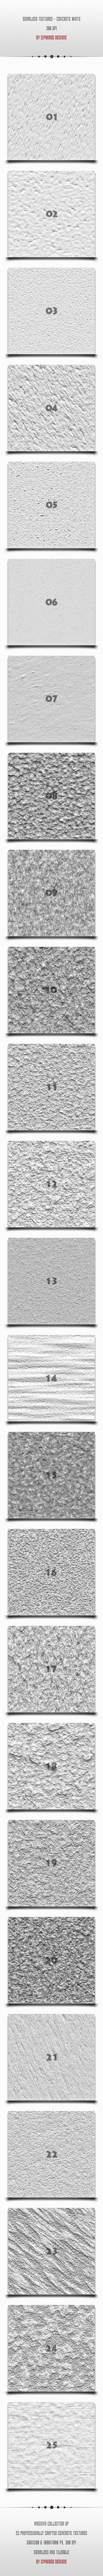 Seamless Textures - Concrete White - Textures / Fills / Patterns Photoshop